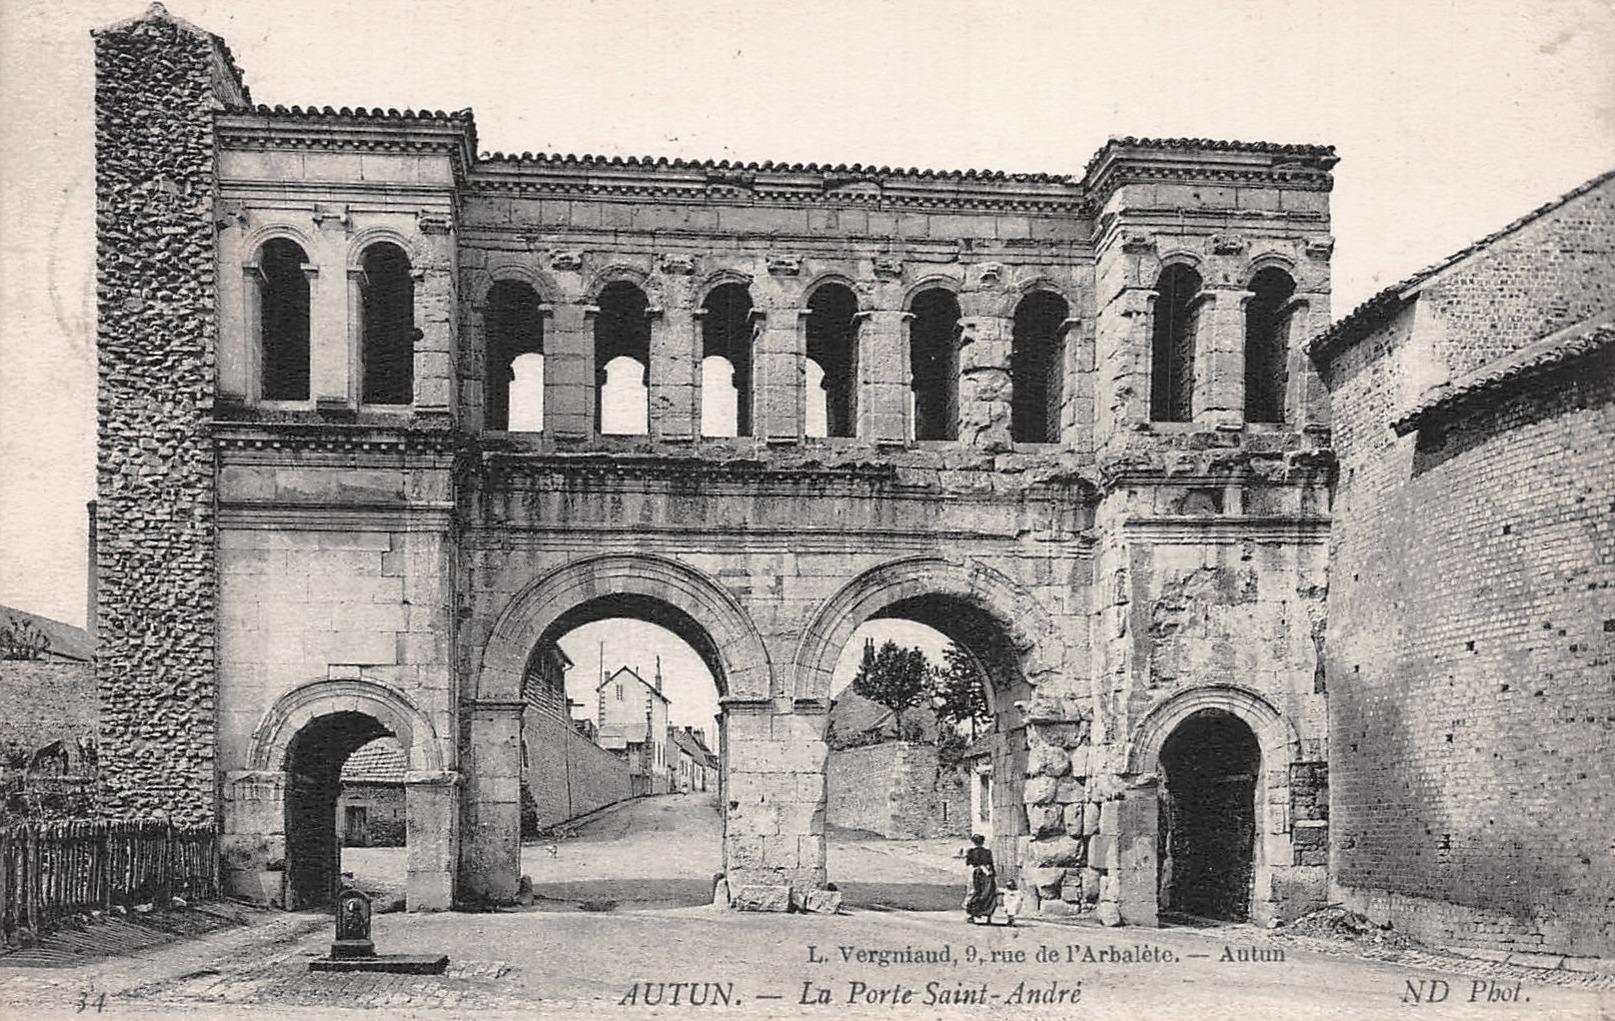 Autun (Saône-et-Loire) La porte Saint-André CPA